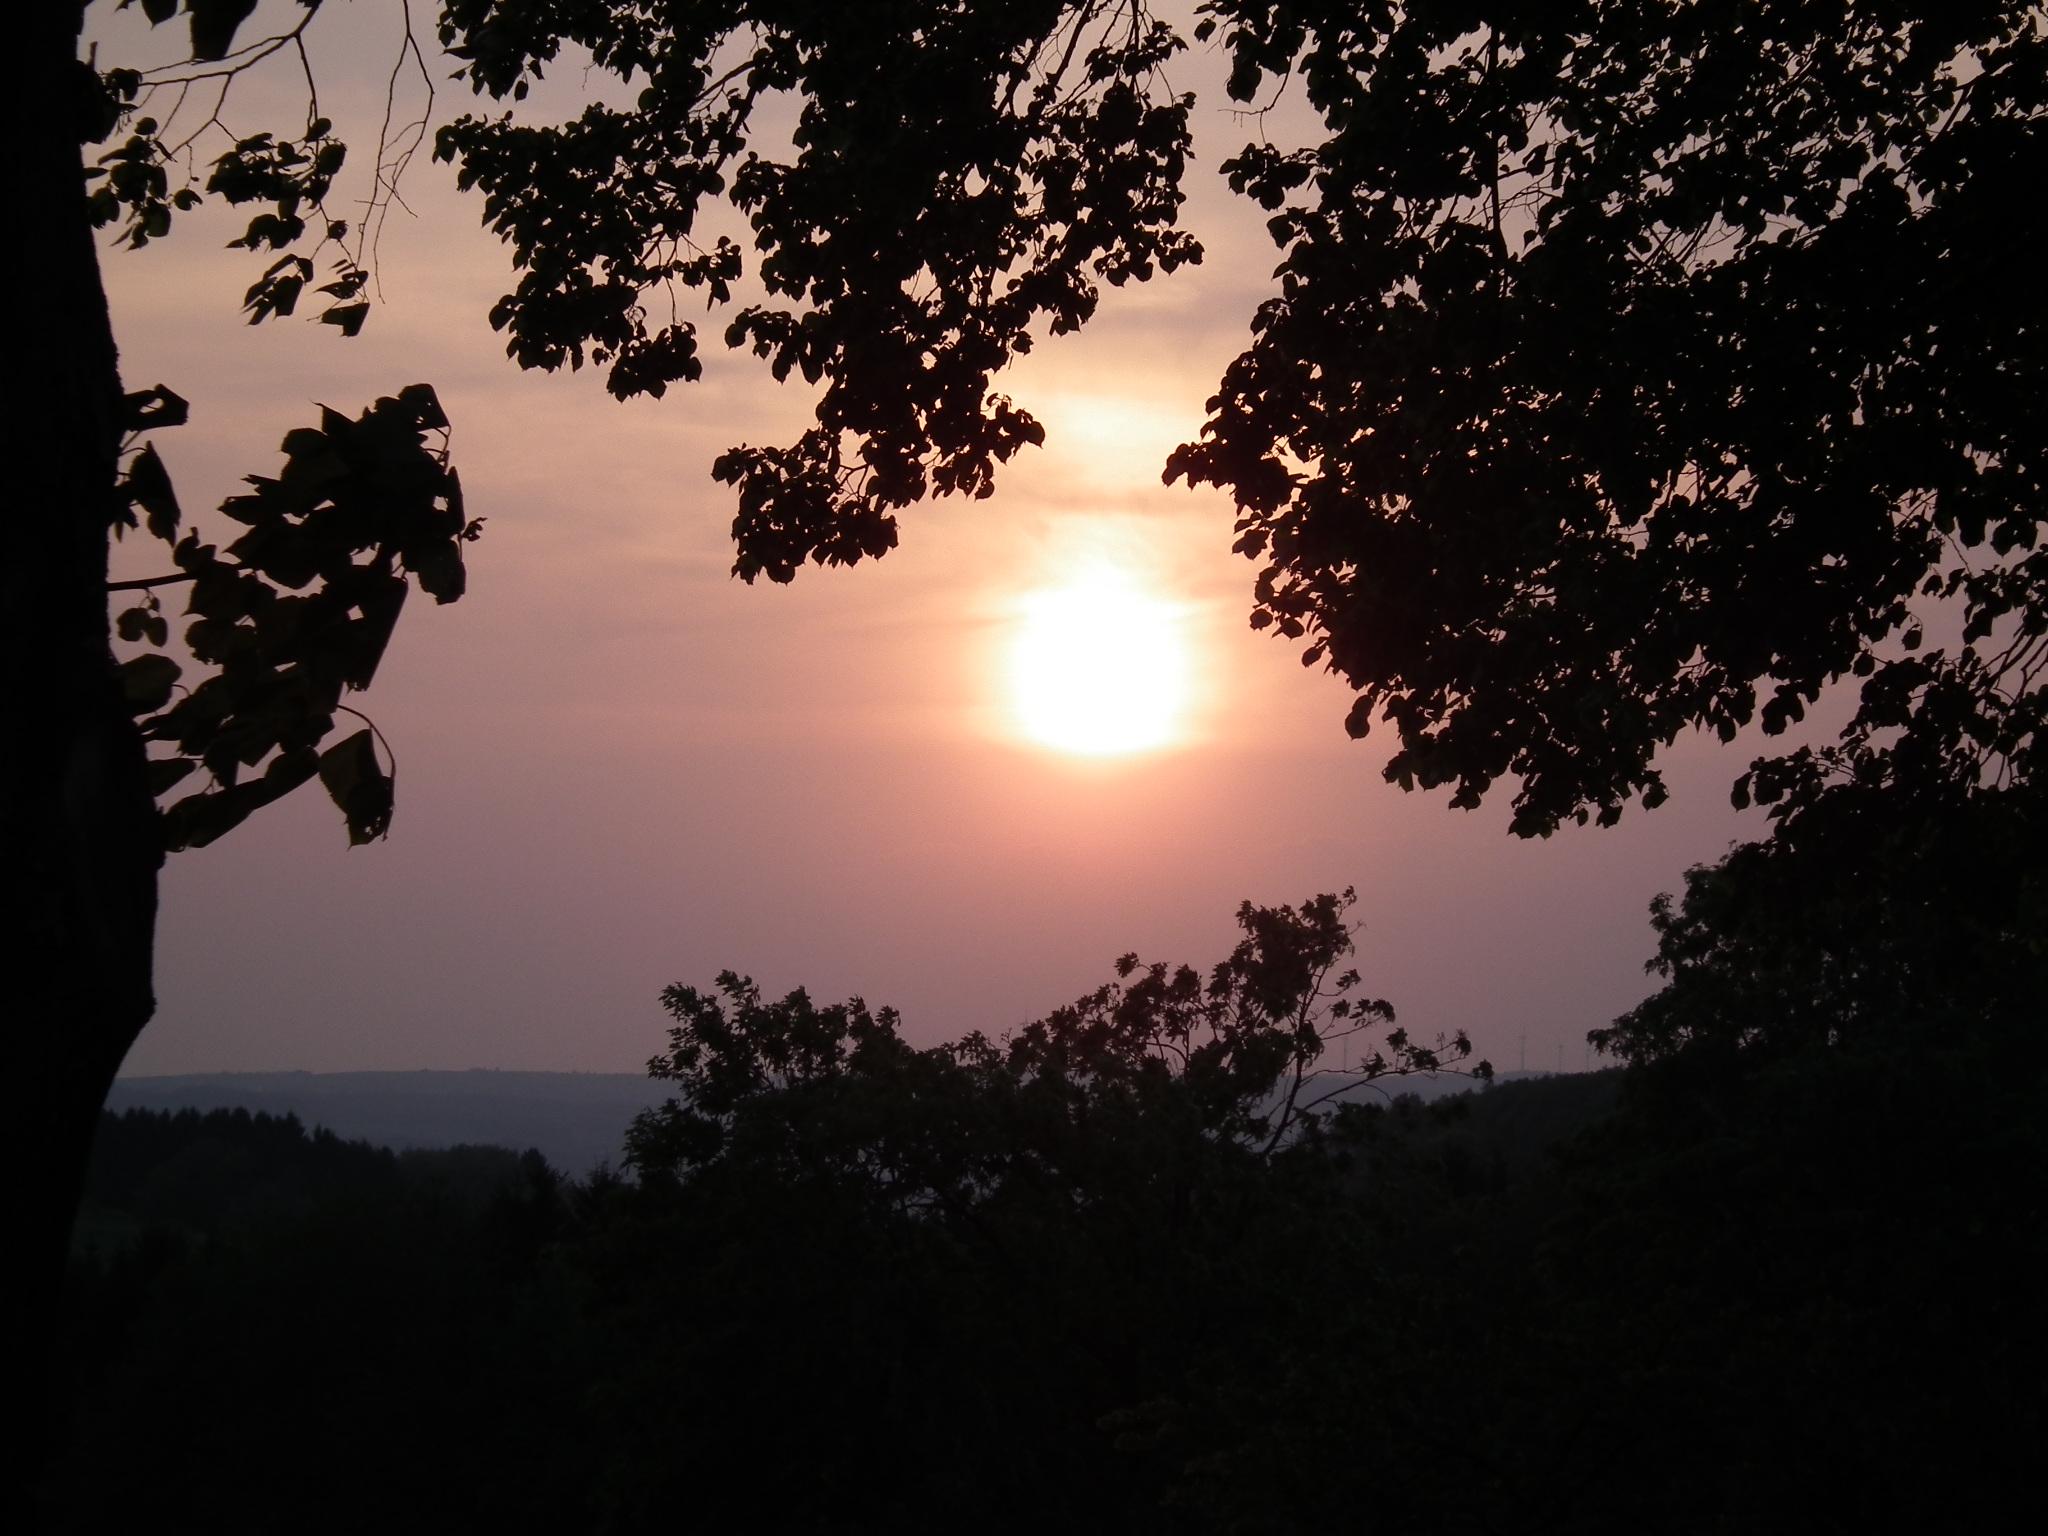 Sonnenuntergang auf dem Ferienhof Pütz